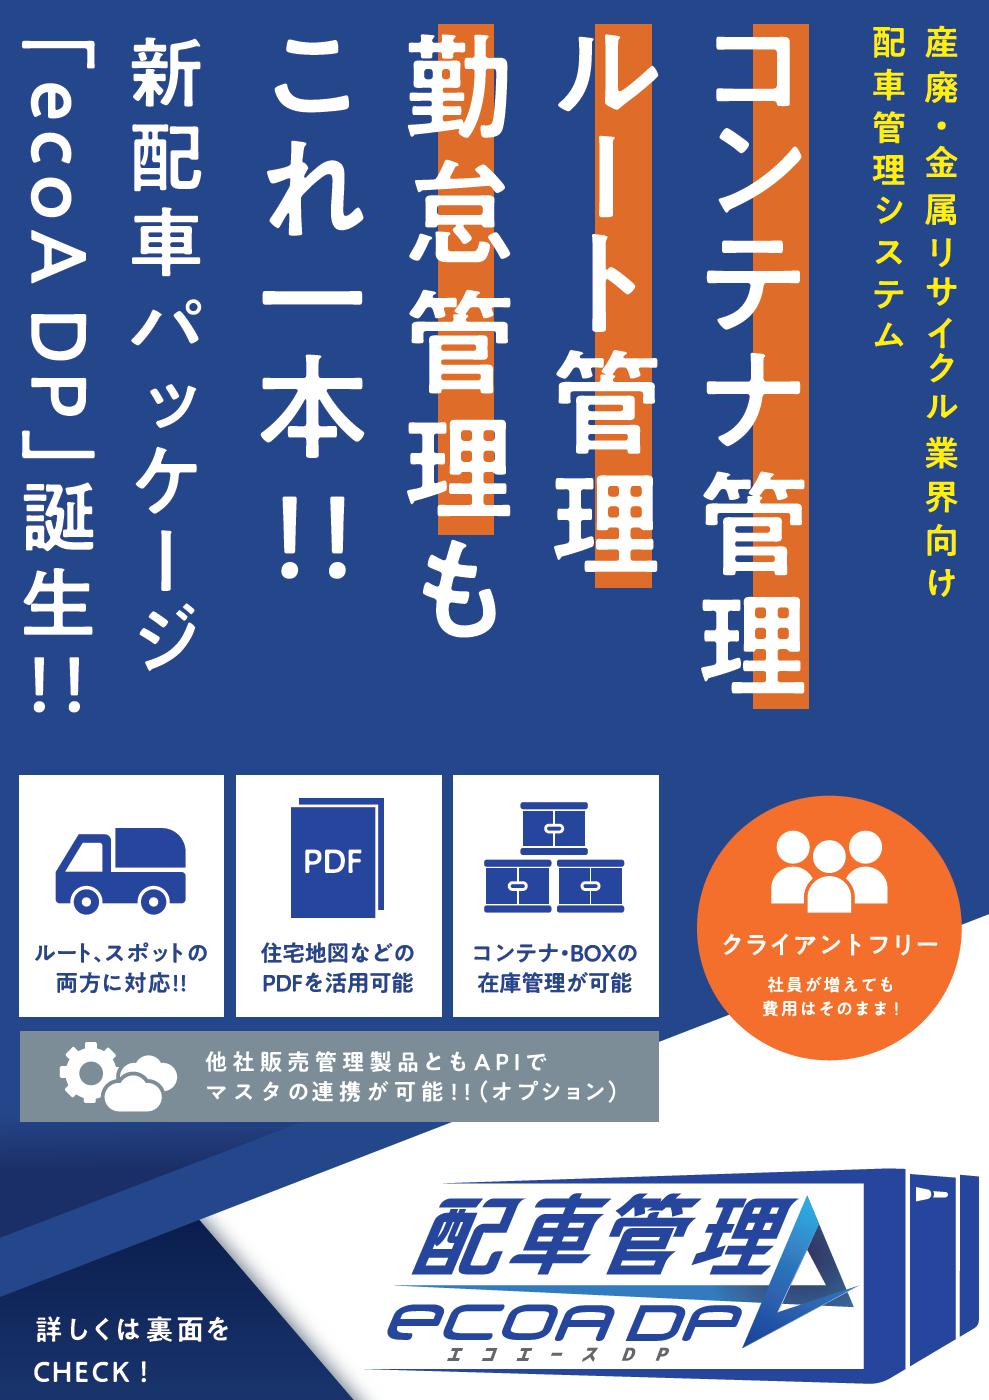 新配車パッケージ『ecoA』誕生!!